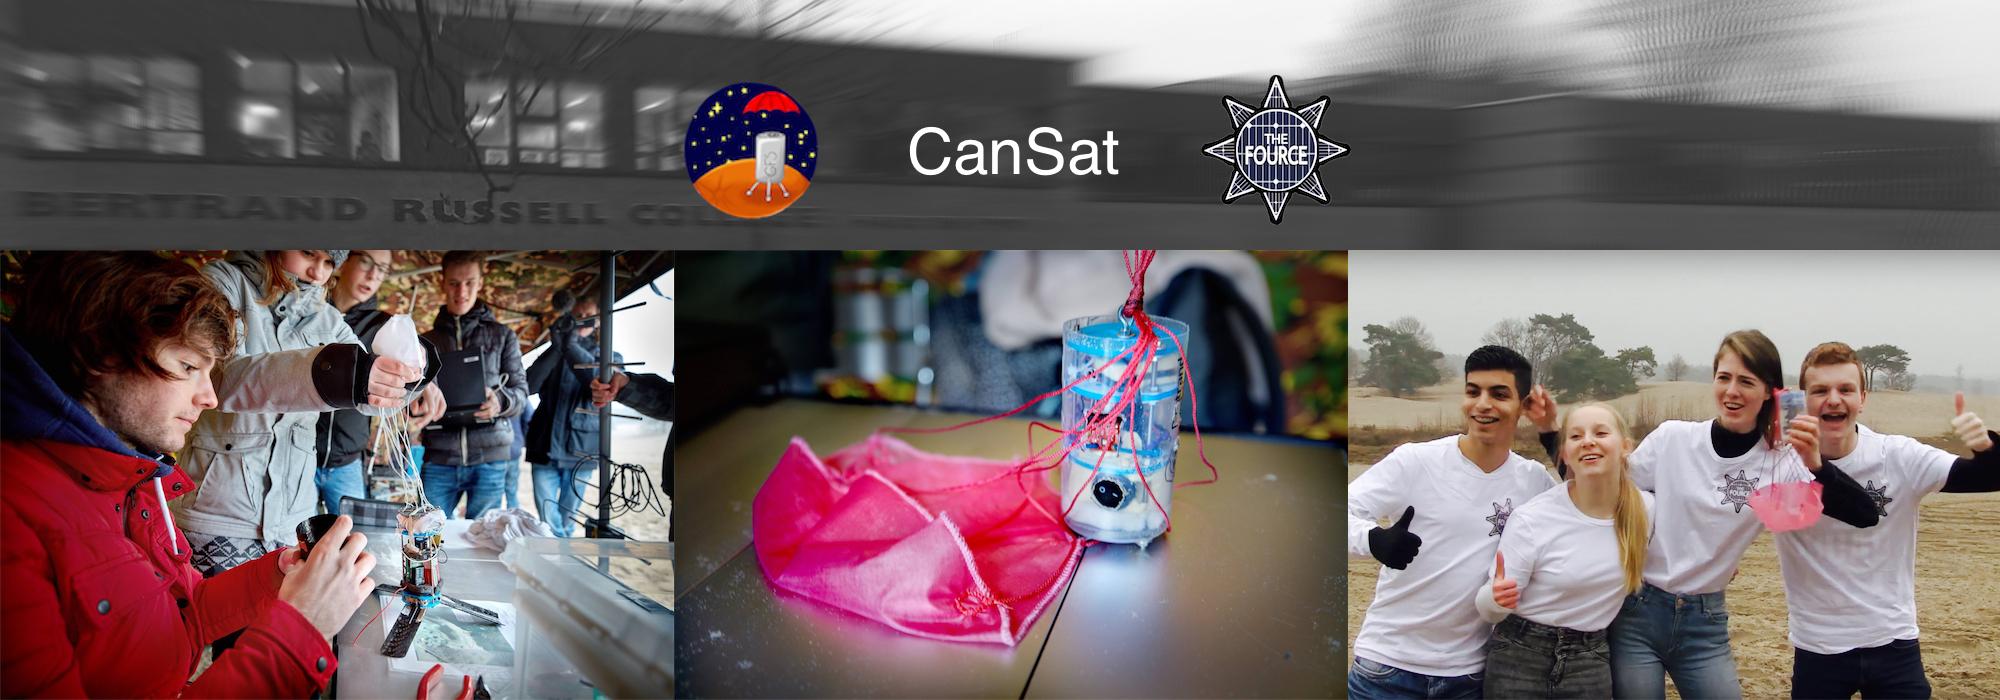 CANSAT